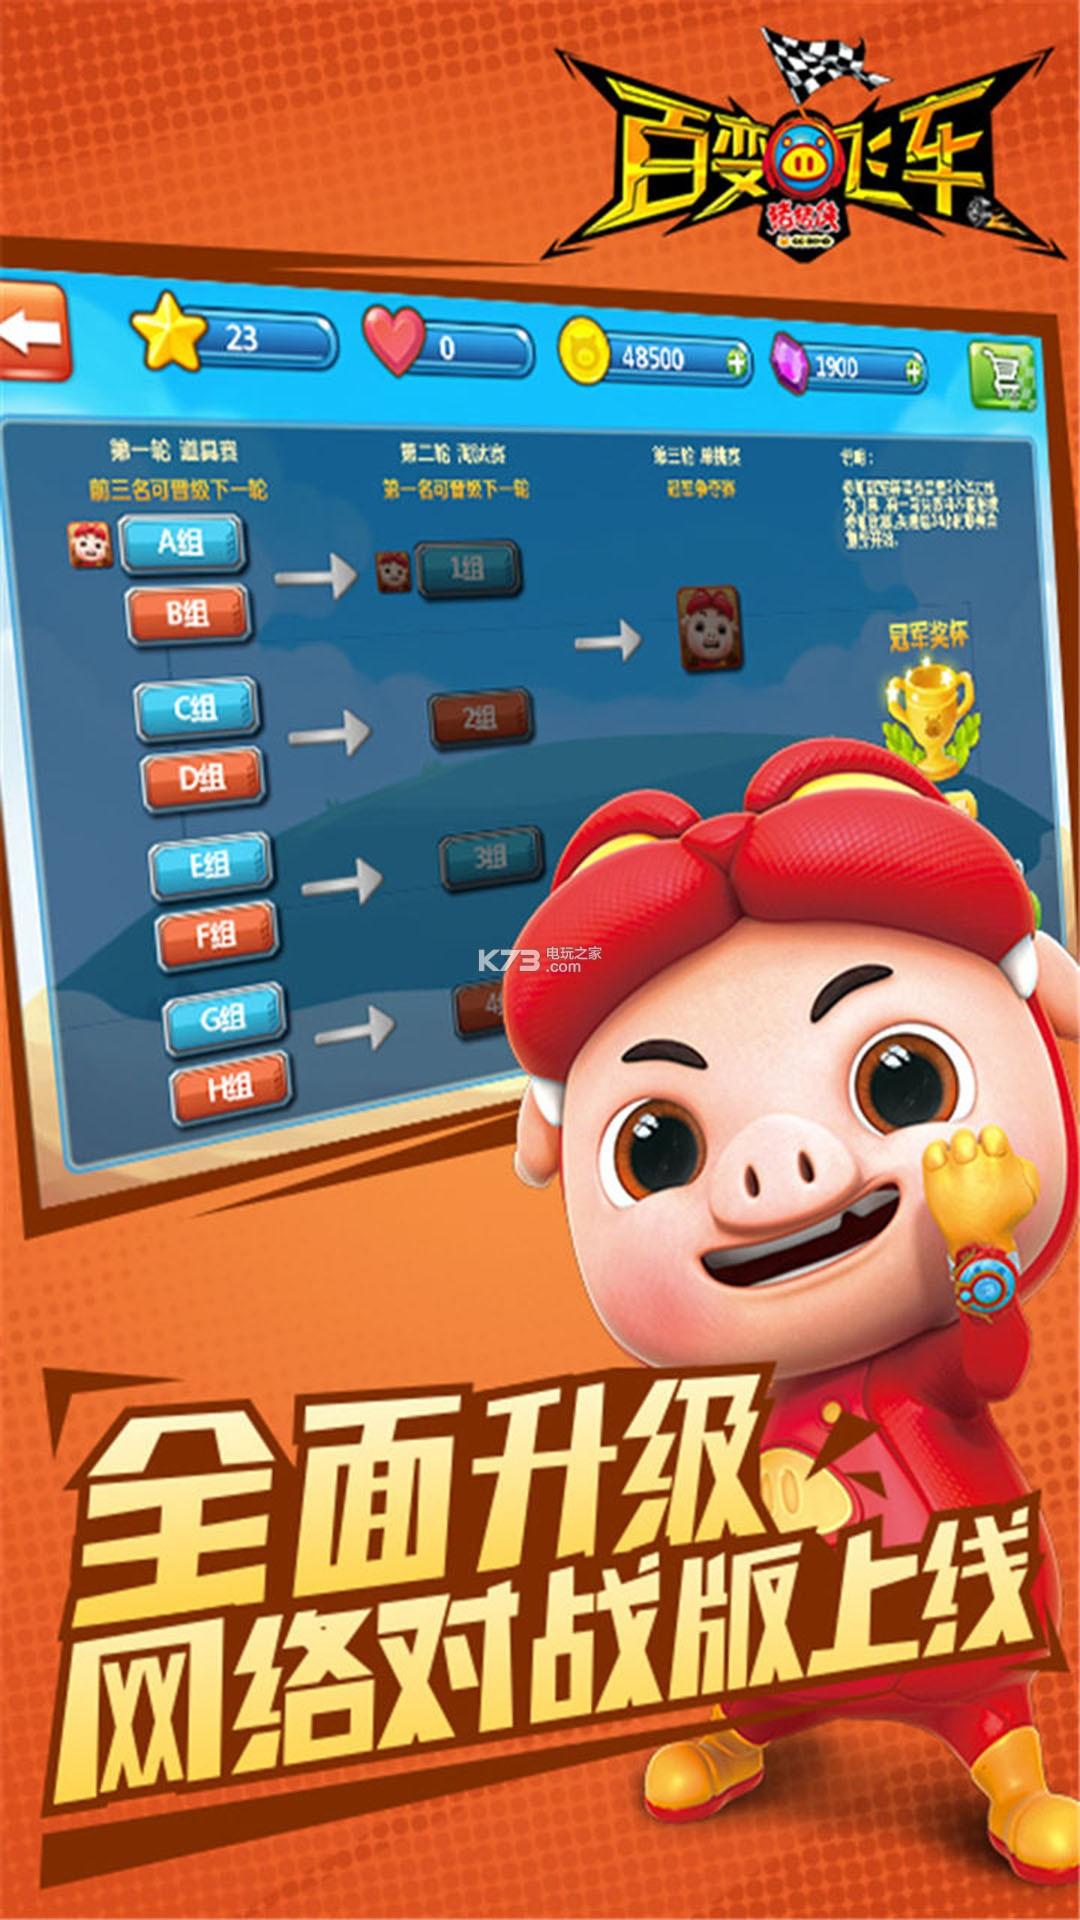 猪猪侠百变飞车 v1.80 官方下载 截图